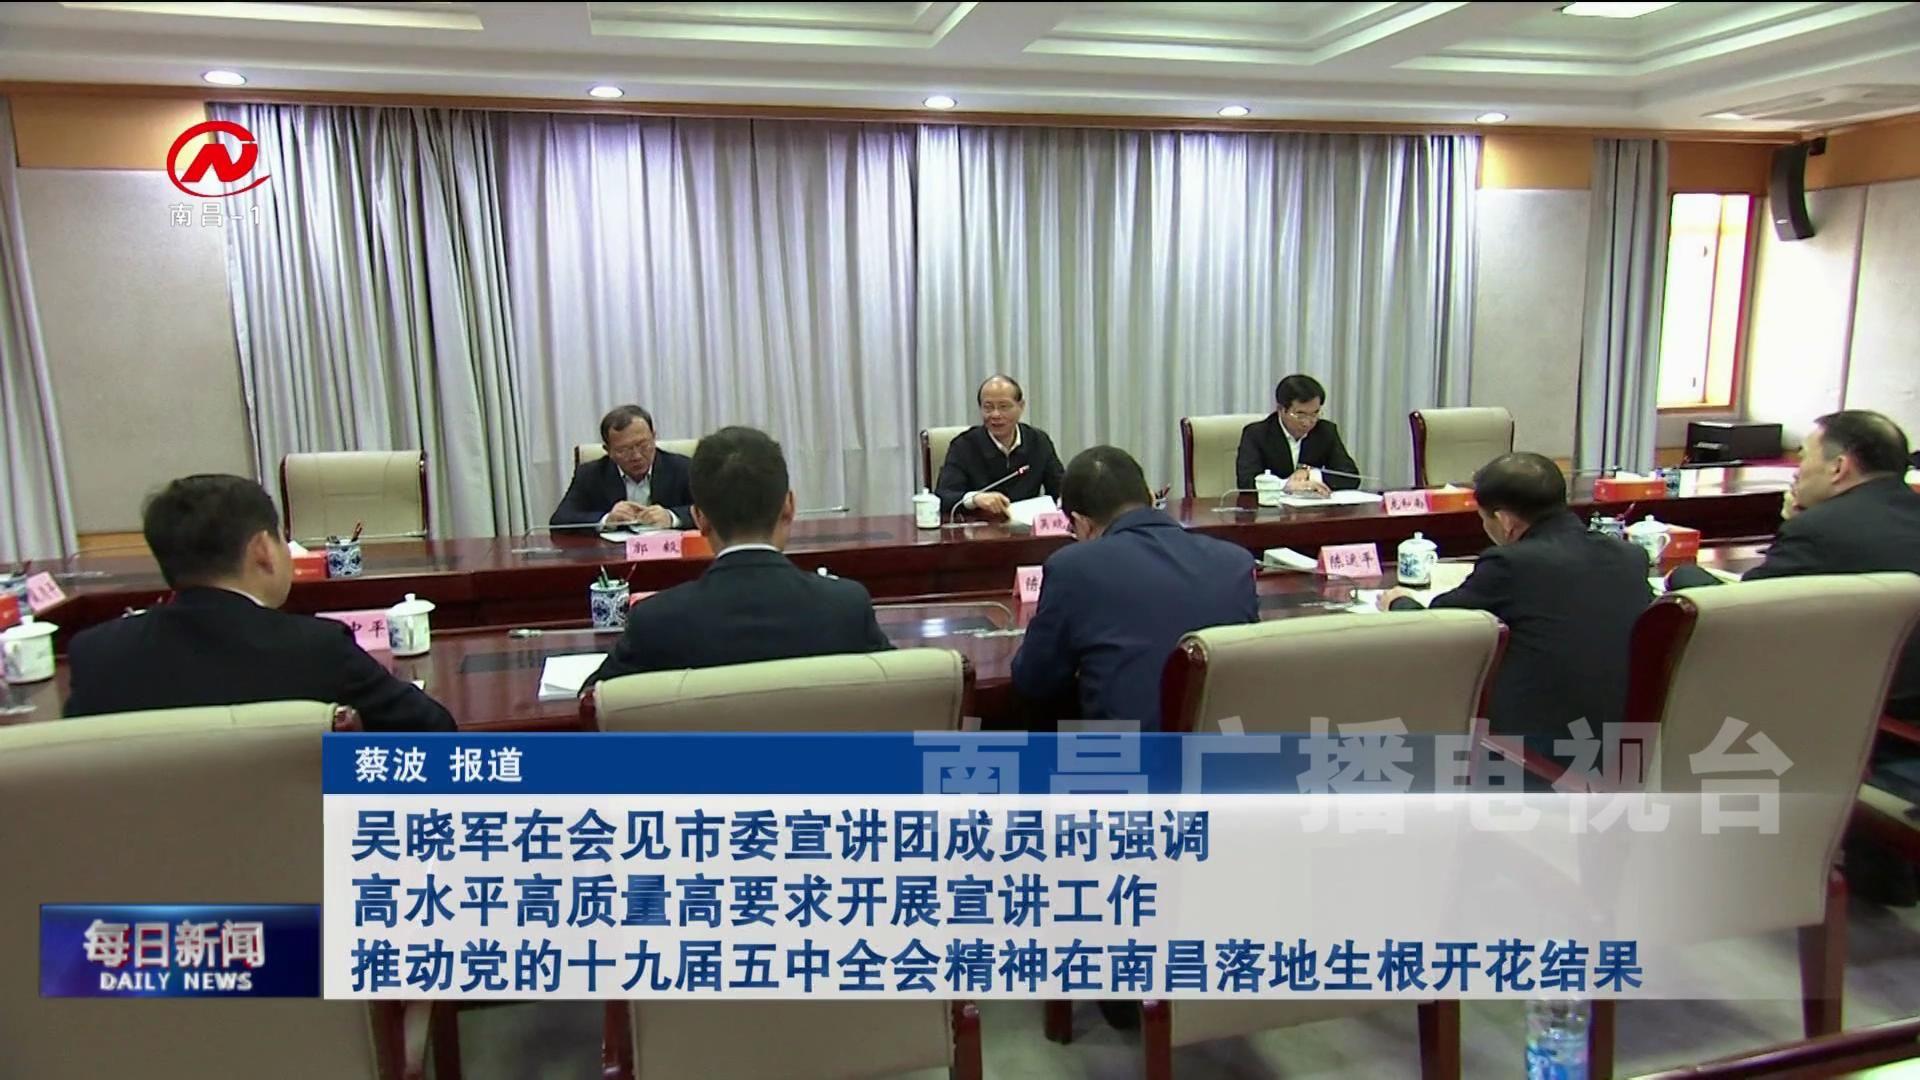 吴晓军在会见市委宣讲团成员时强调 高水平高质量高要求开展宣讲工作 推动党的十九届五中全会精神在南昌落地生根开花结果